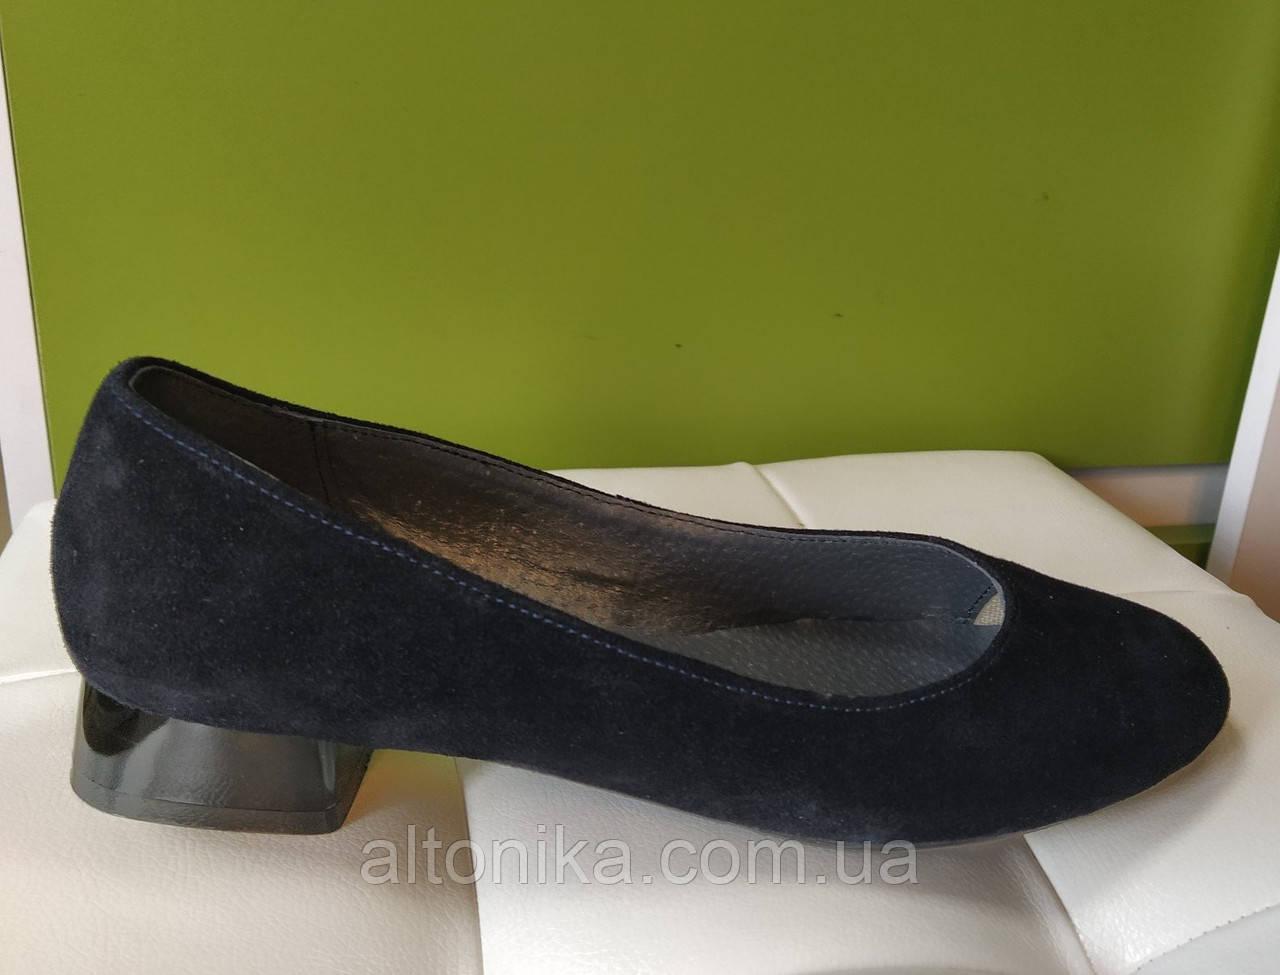 STTOPA 42р-28 см. Размеры 41-44! Балетки больших размеров из натуральной кожи. Синие. С3-18-4144-3